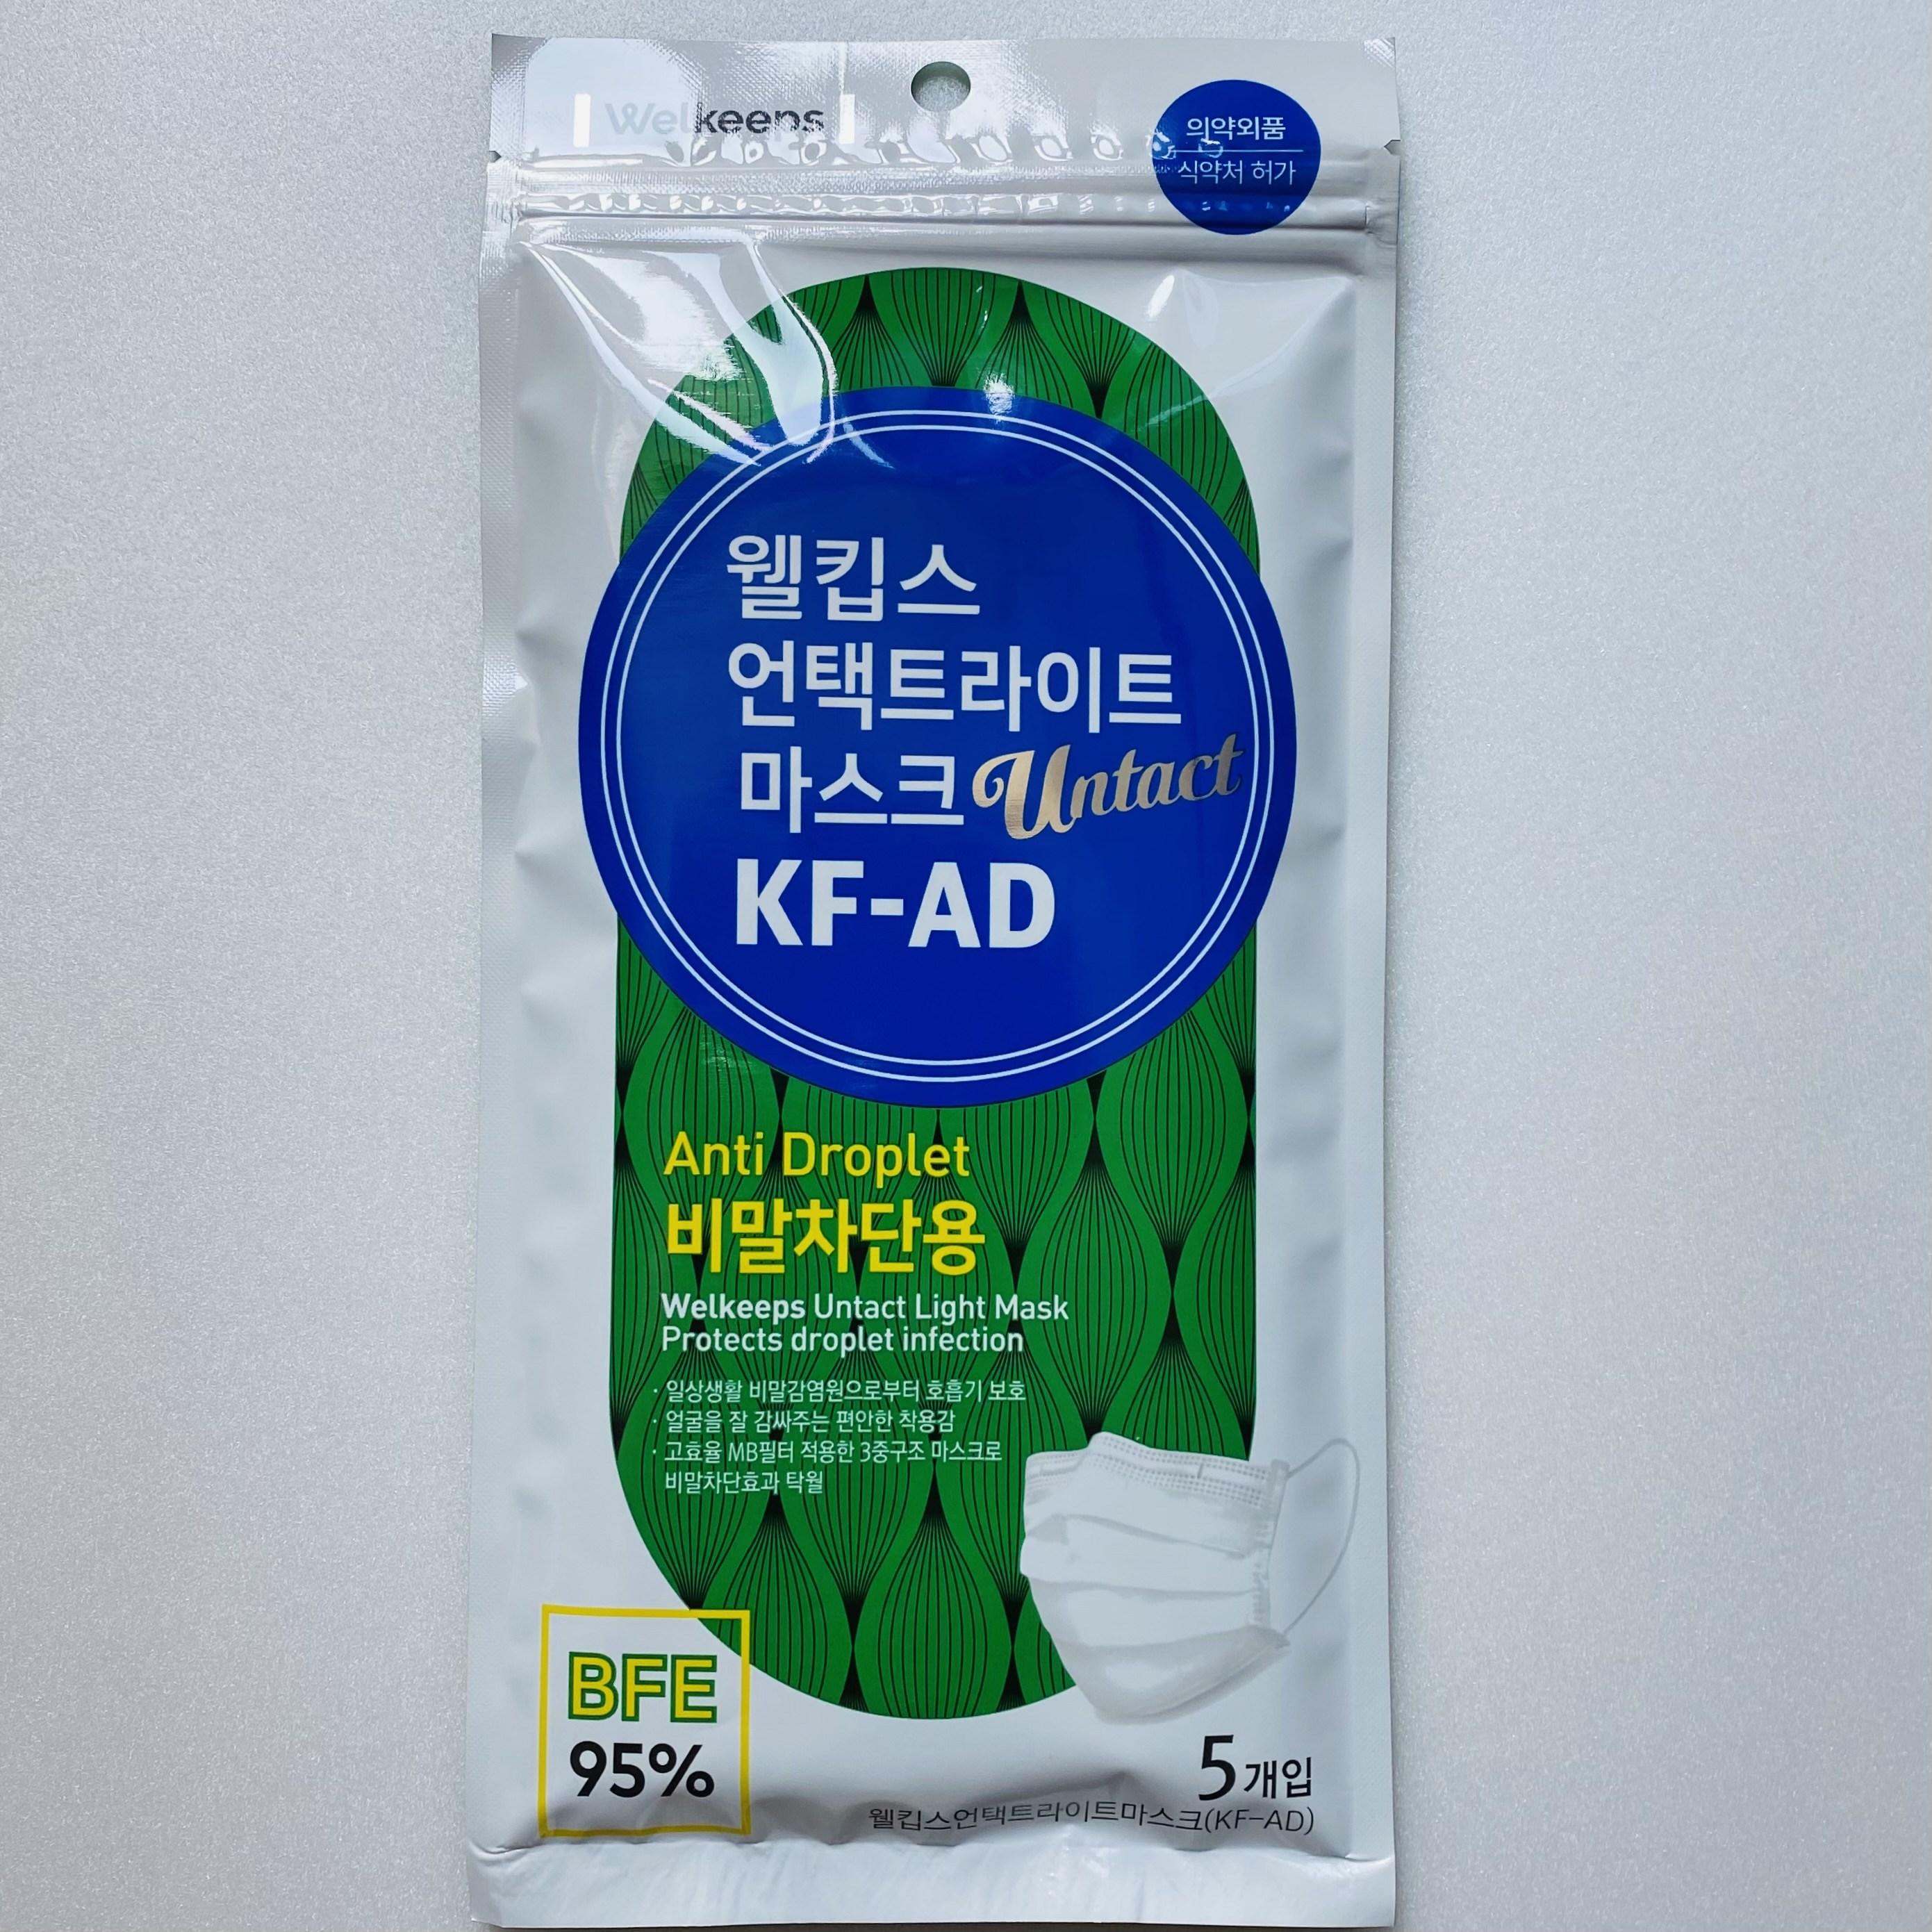 웰킵스 언택트라이트 마스크 KF-AD 비말차단용 5매입, 1팩